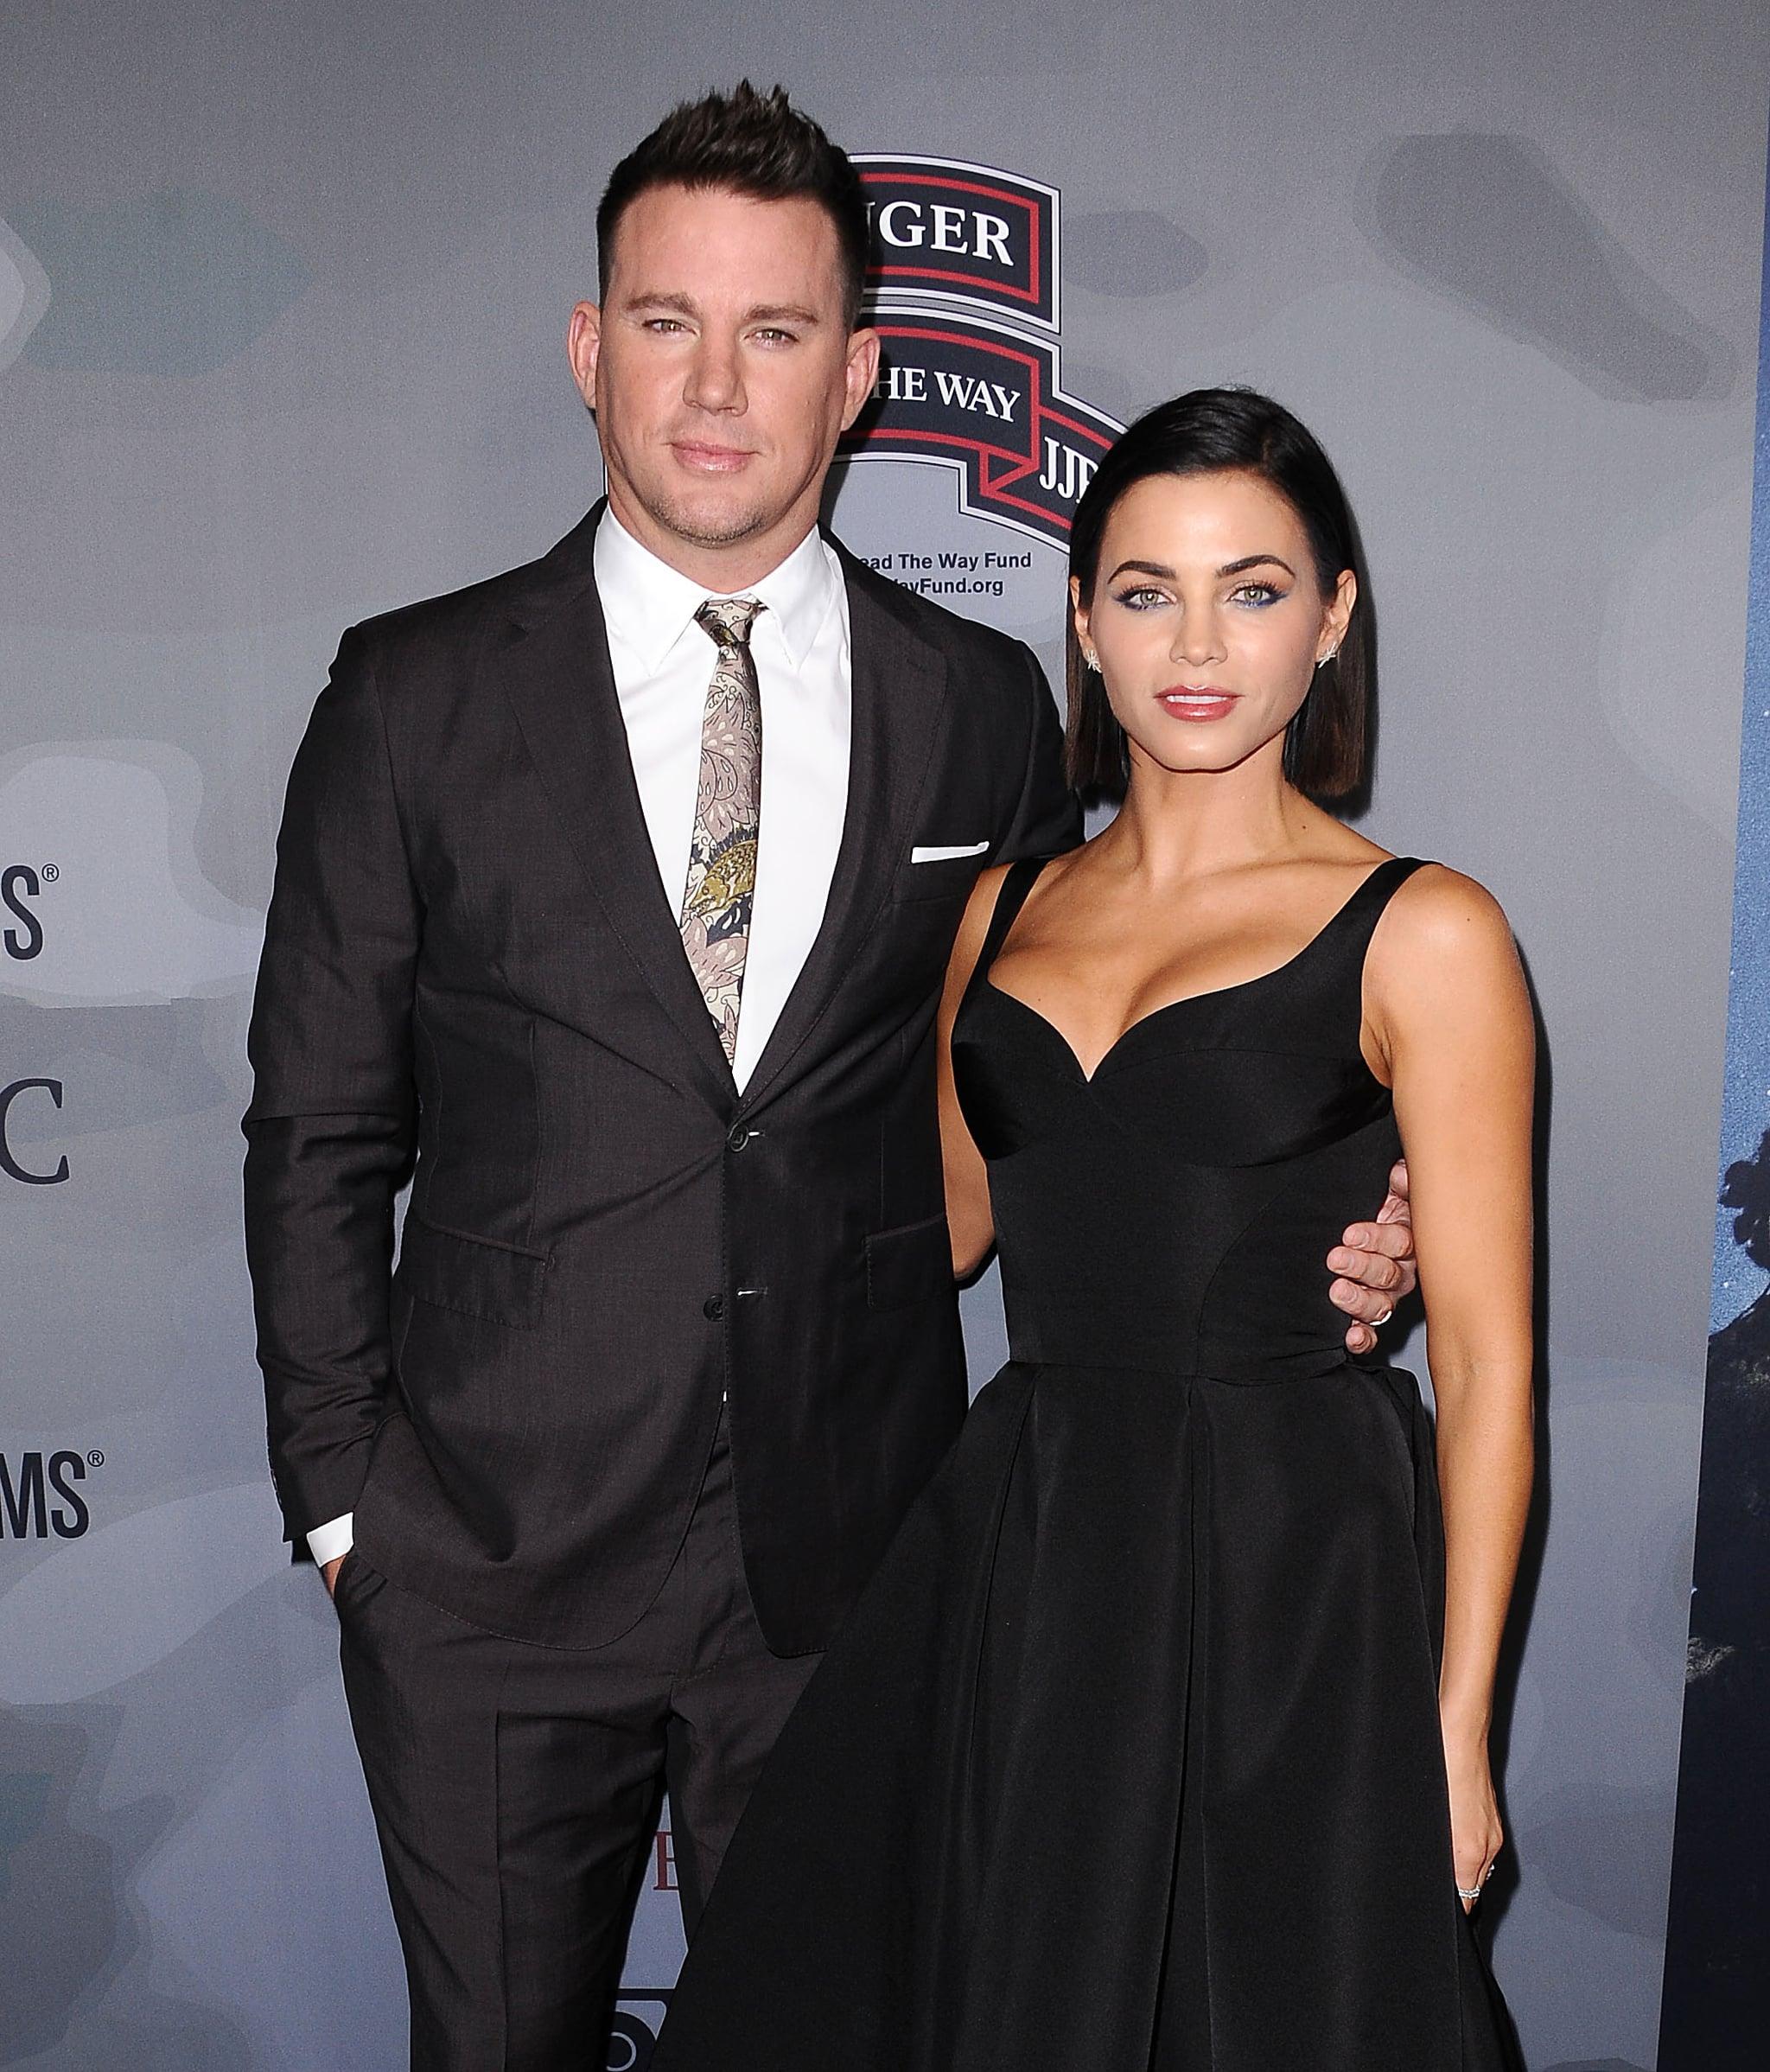 LOS ANGELES, CA - NOVEMBER 06:  Channing Tatum and Jenna Dewan Tatum attend the premiere of